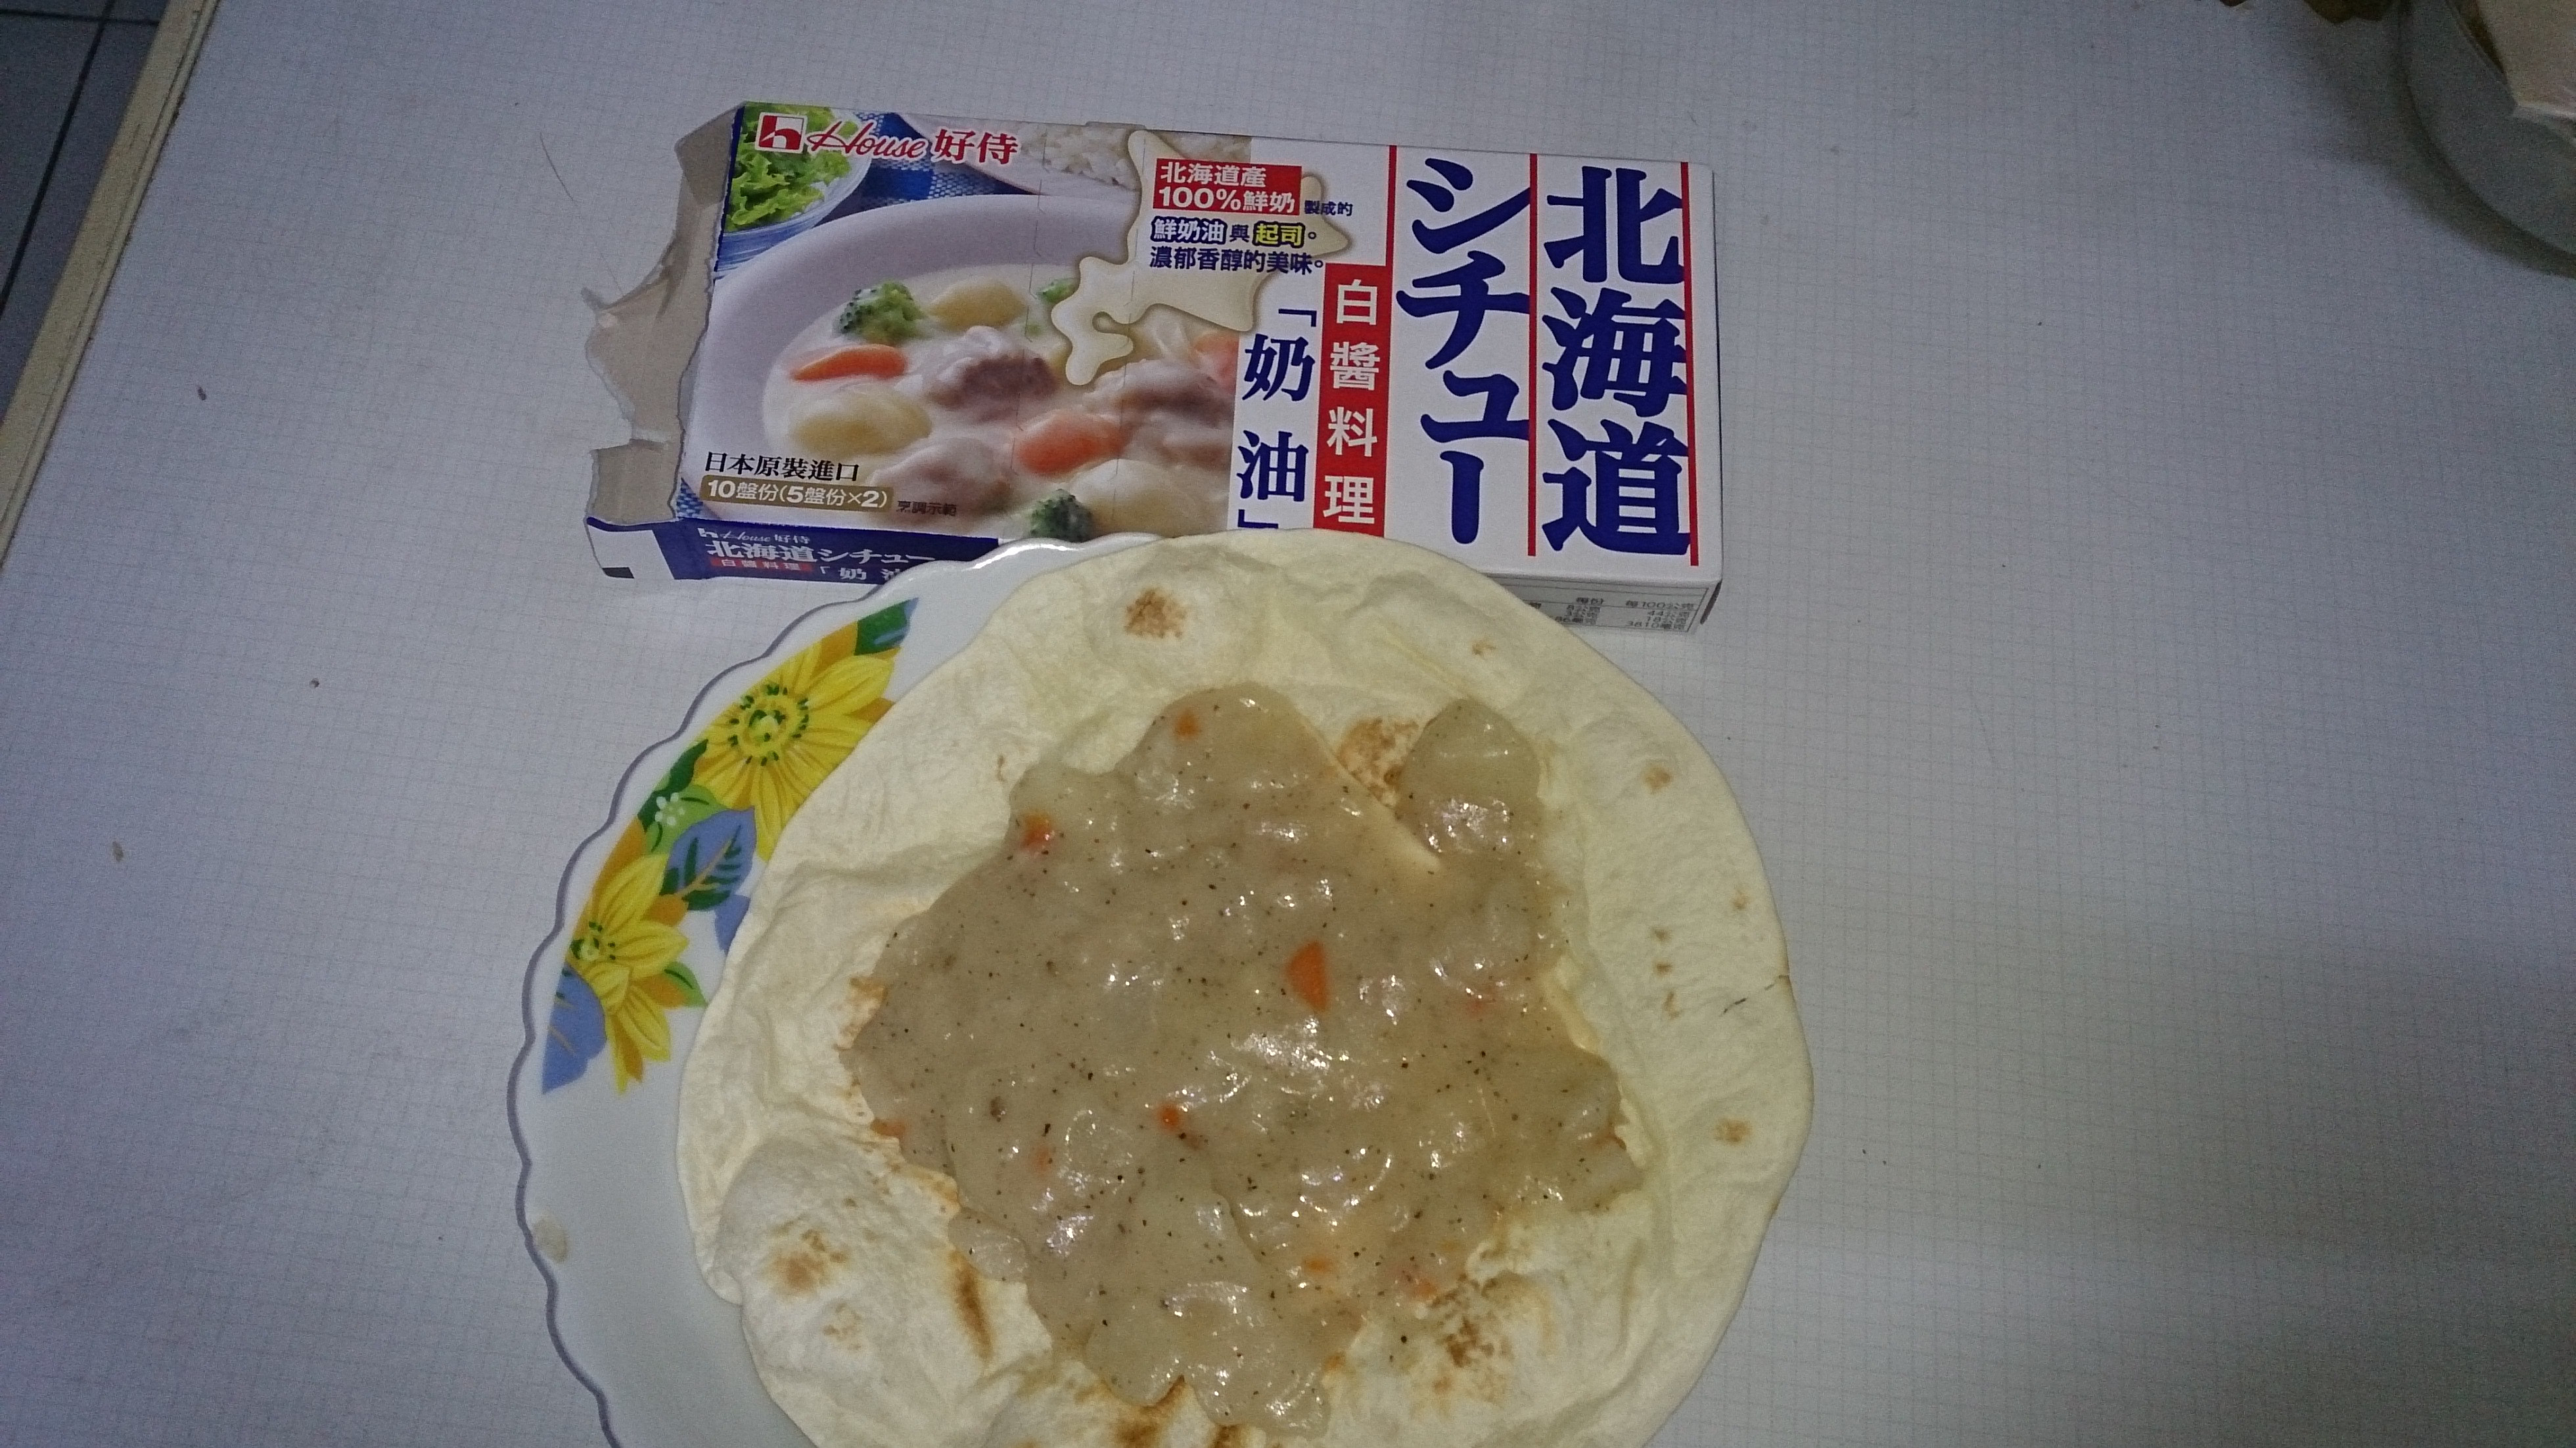 白醬起司墨西哥餅【全聯快炒包料理】